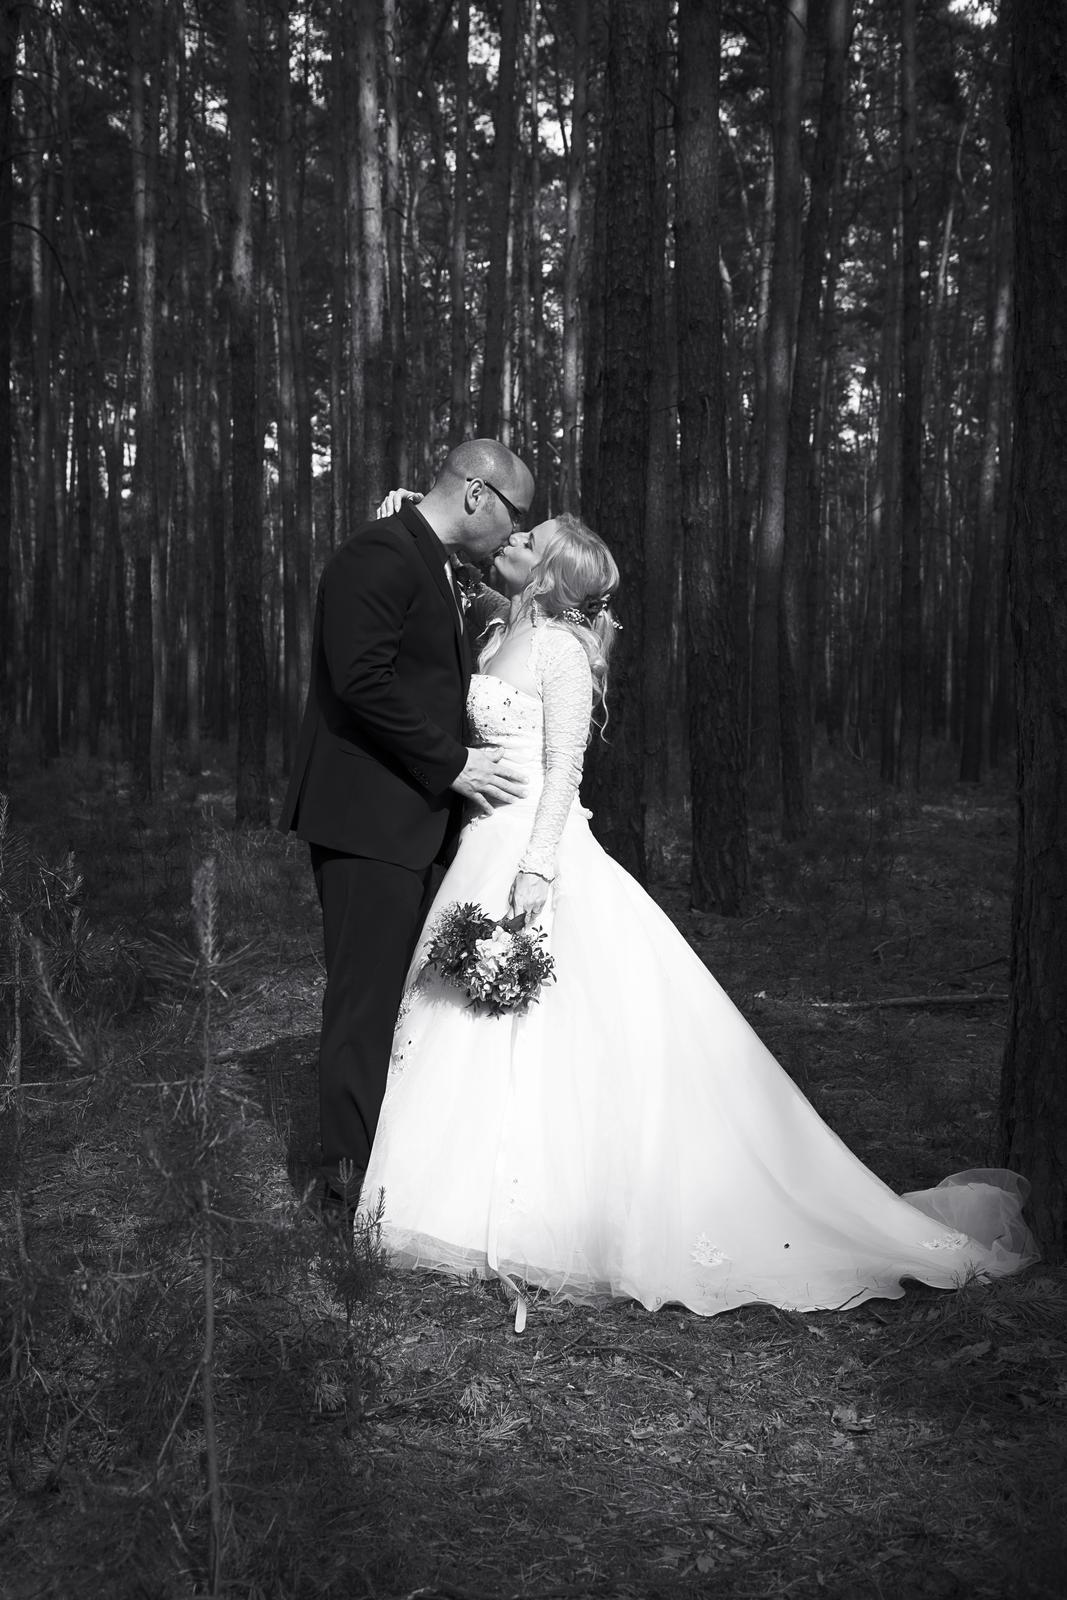 19.5.2018 svatba Lhota - Obrázek č. 2